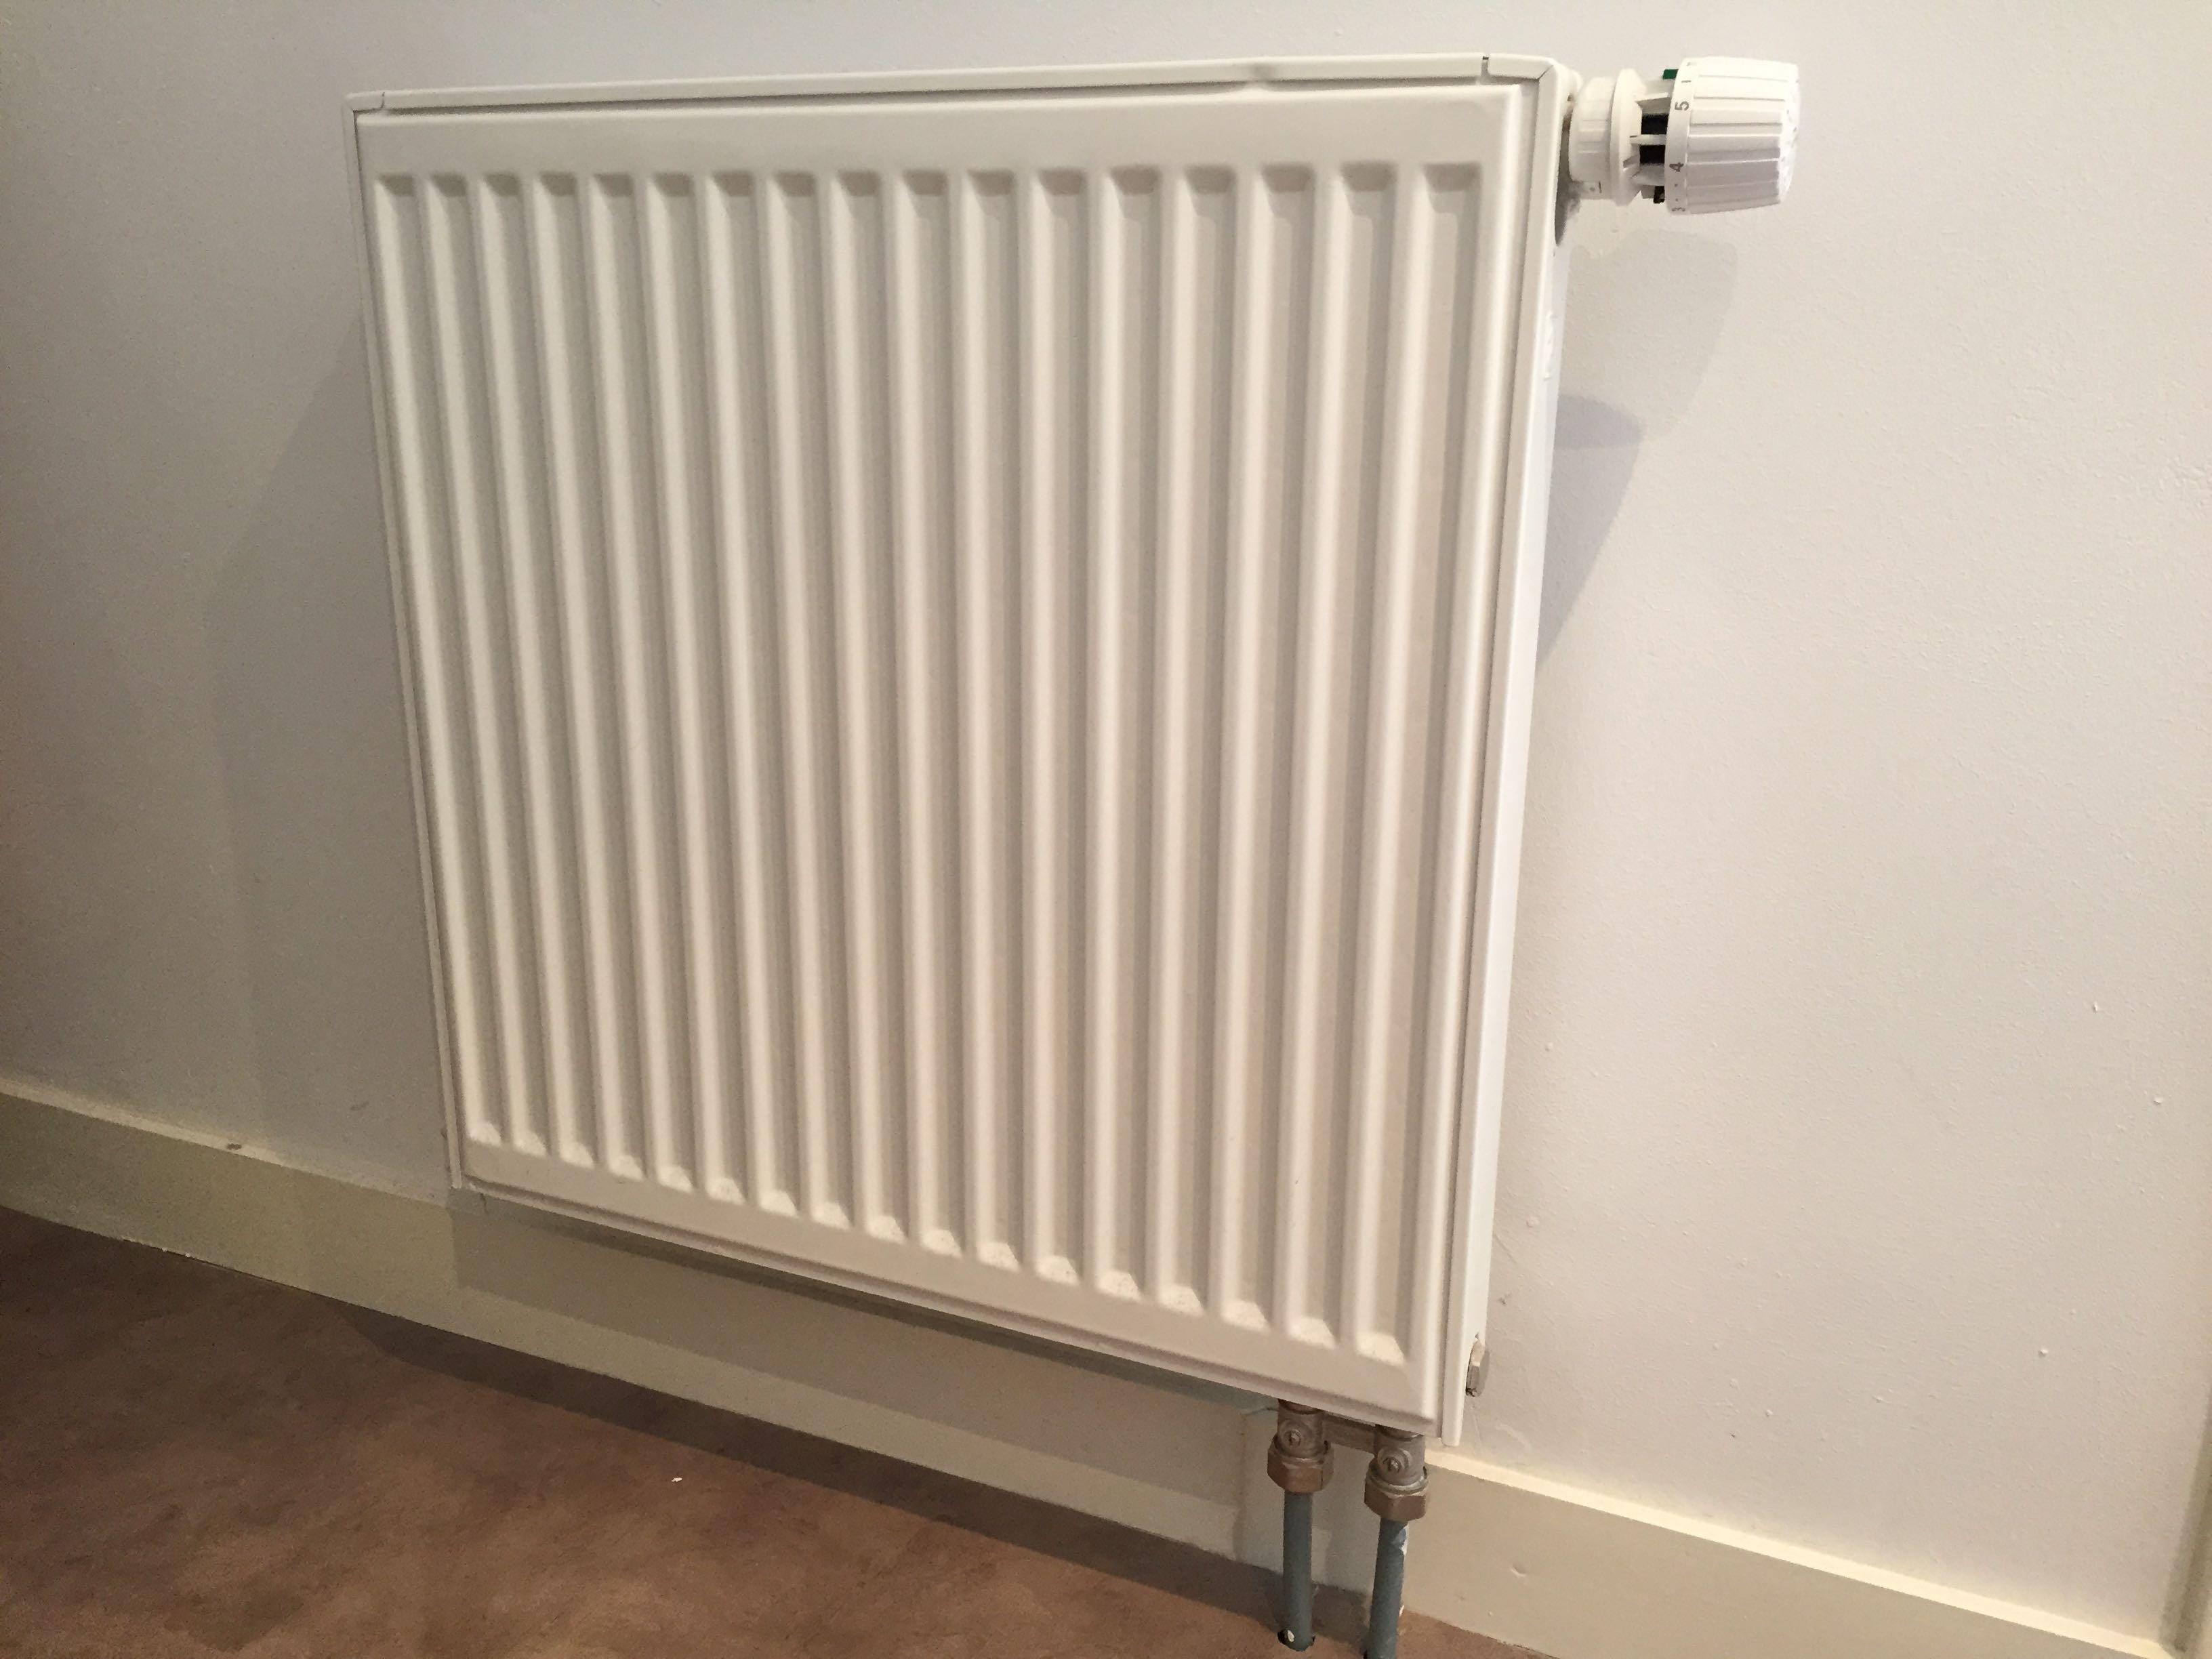 radiator verwarming af en aankoppelen. Black Bedroom Furniture Sets. Home Design Ideas